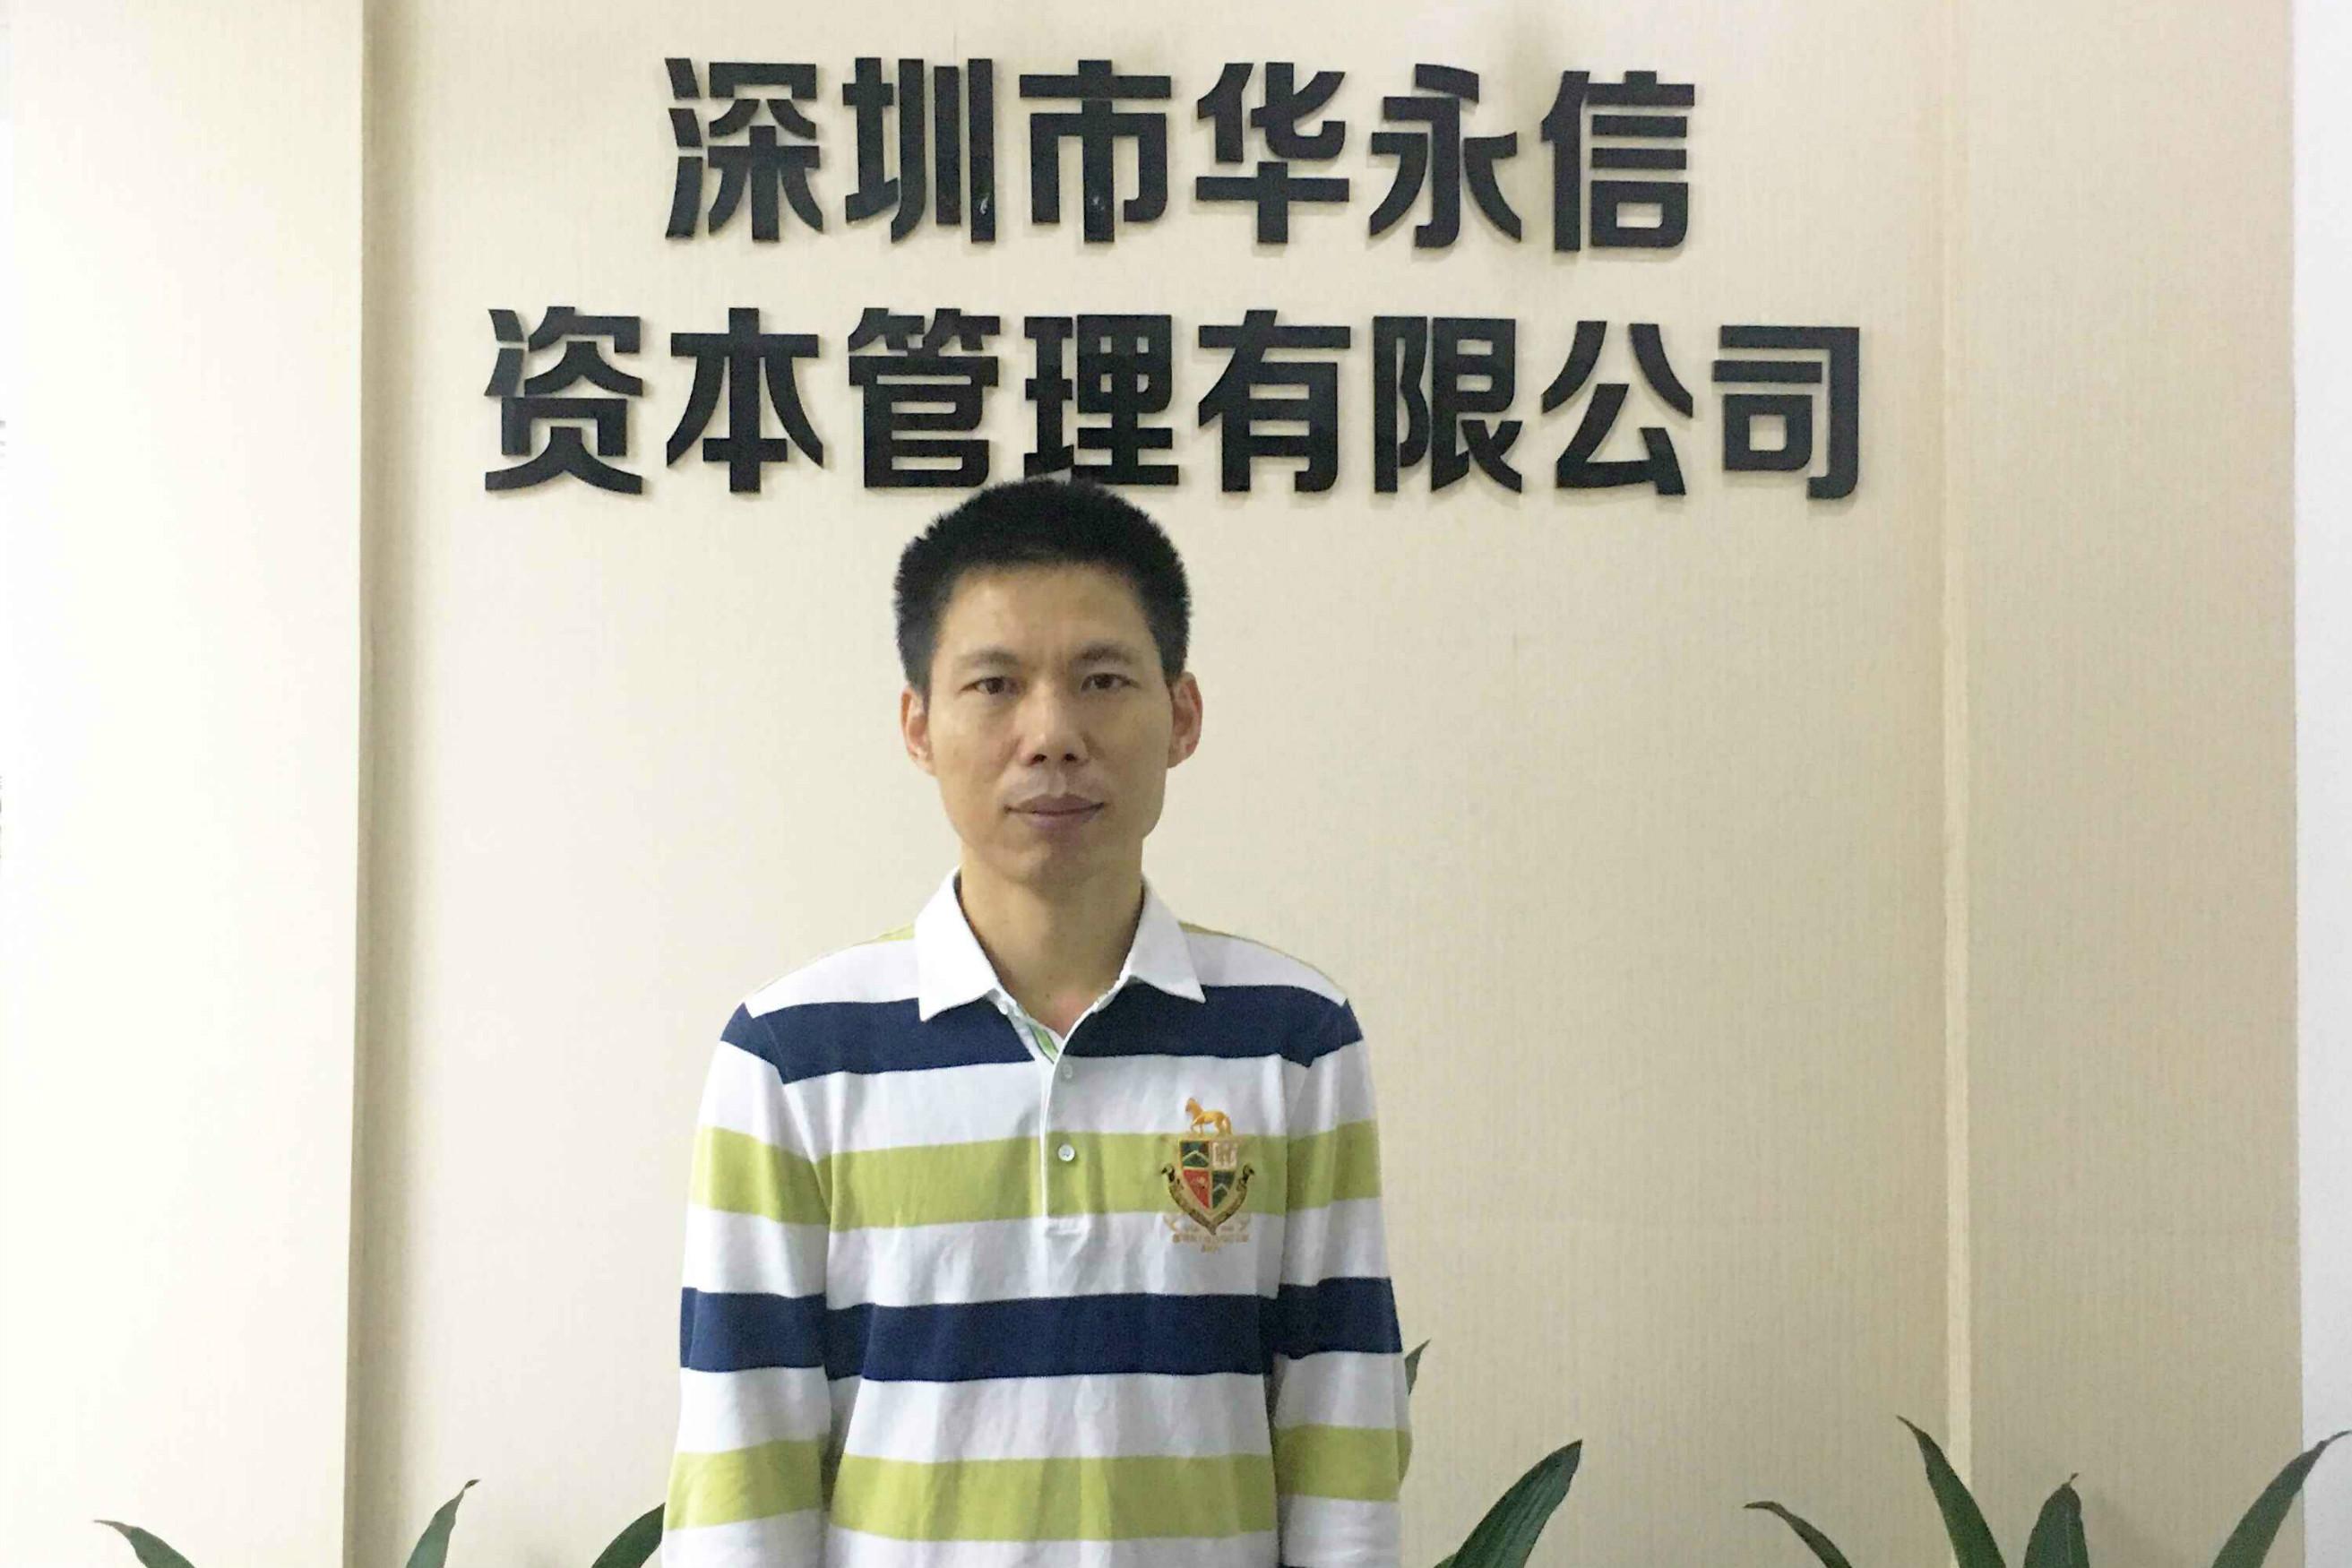 华永信蔡浩东:捕捉市场趋势,做一个长跑运动员